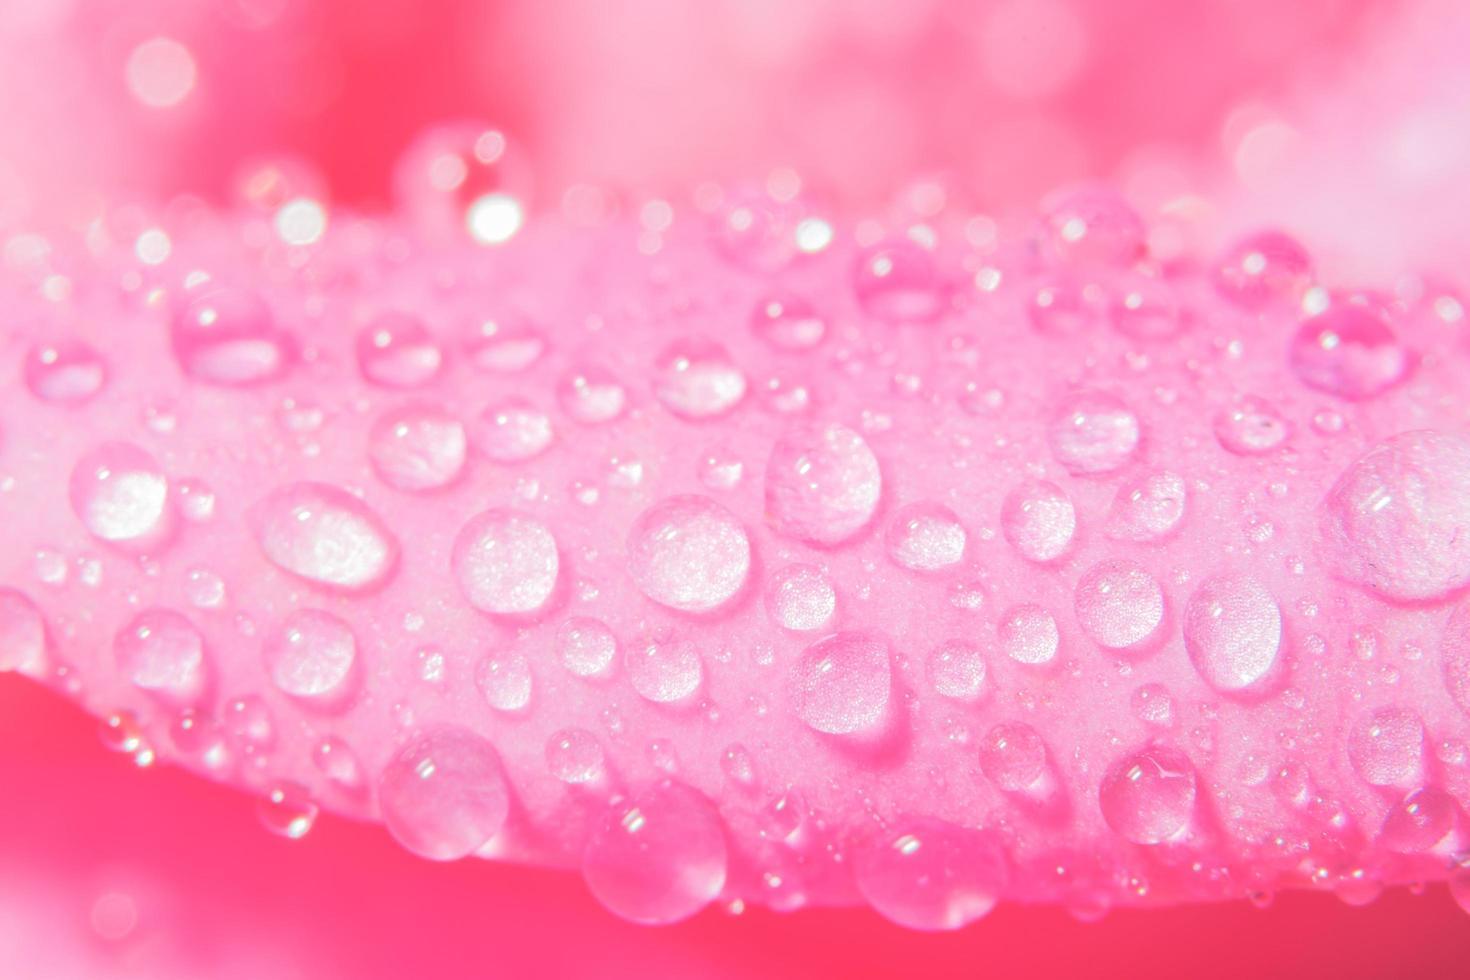 Wassertropfen auf Rosenblättern foto